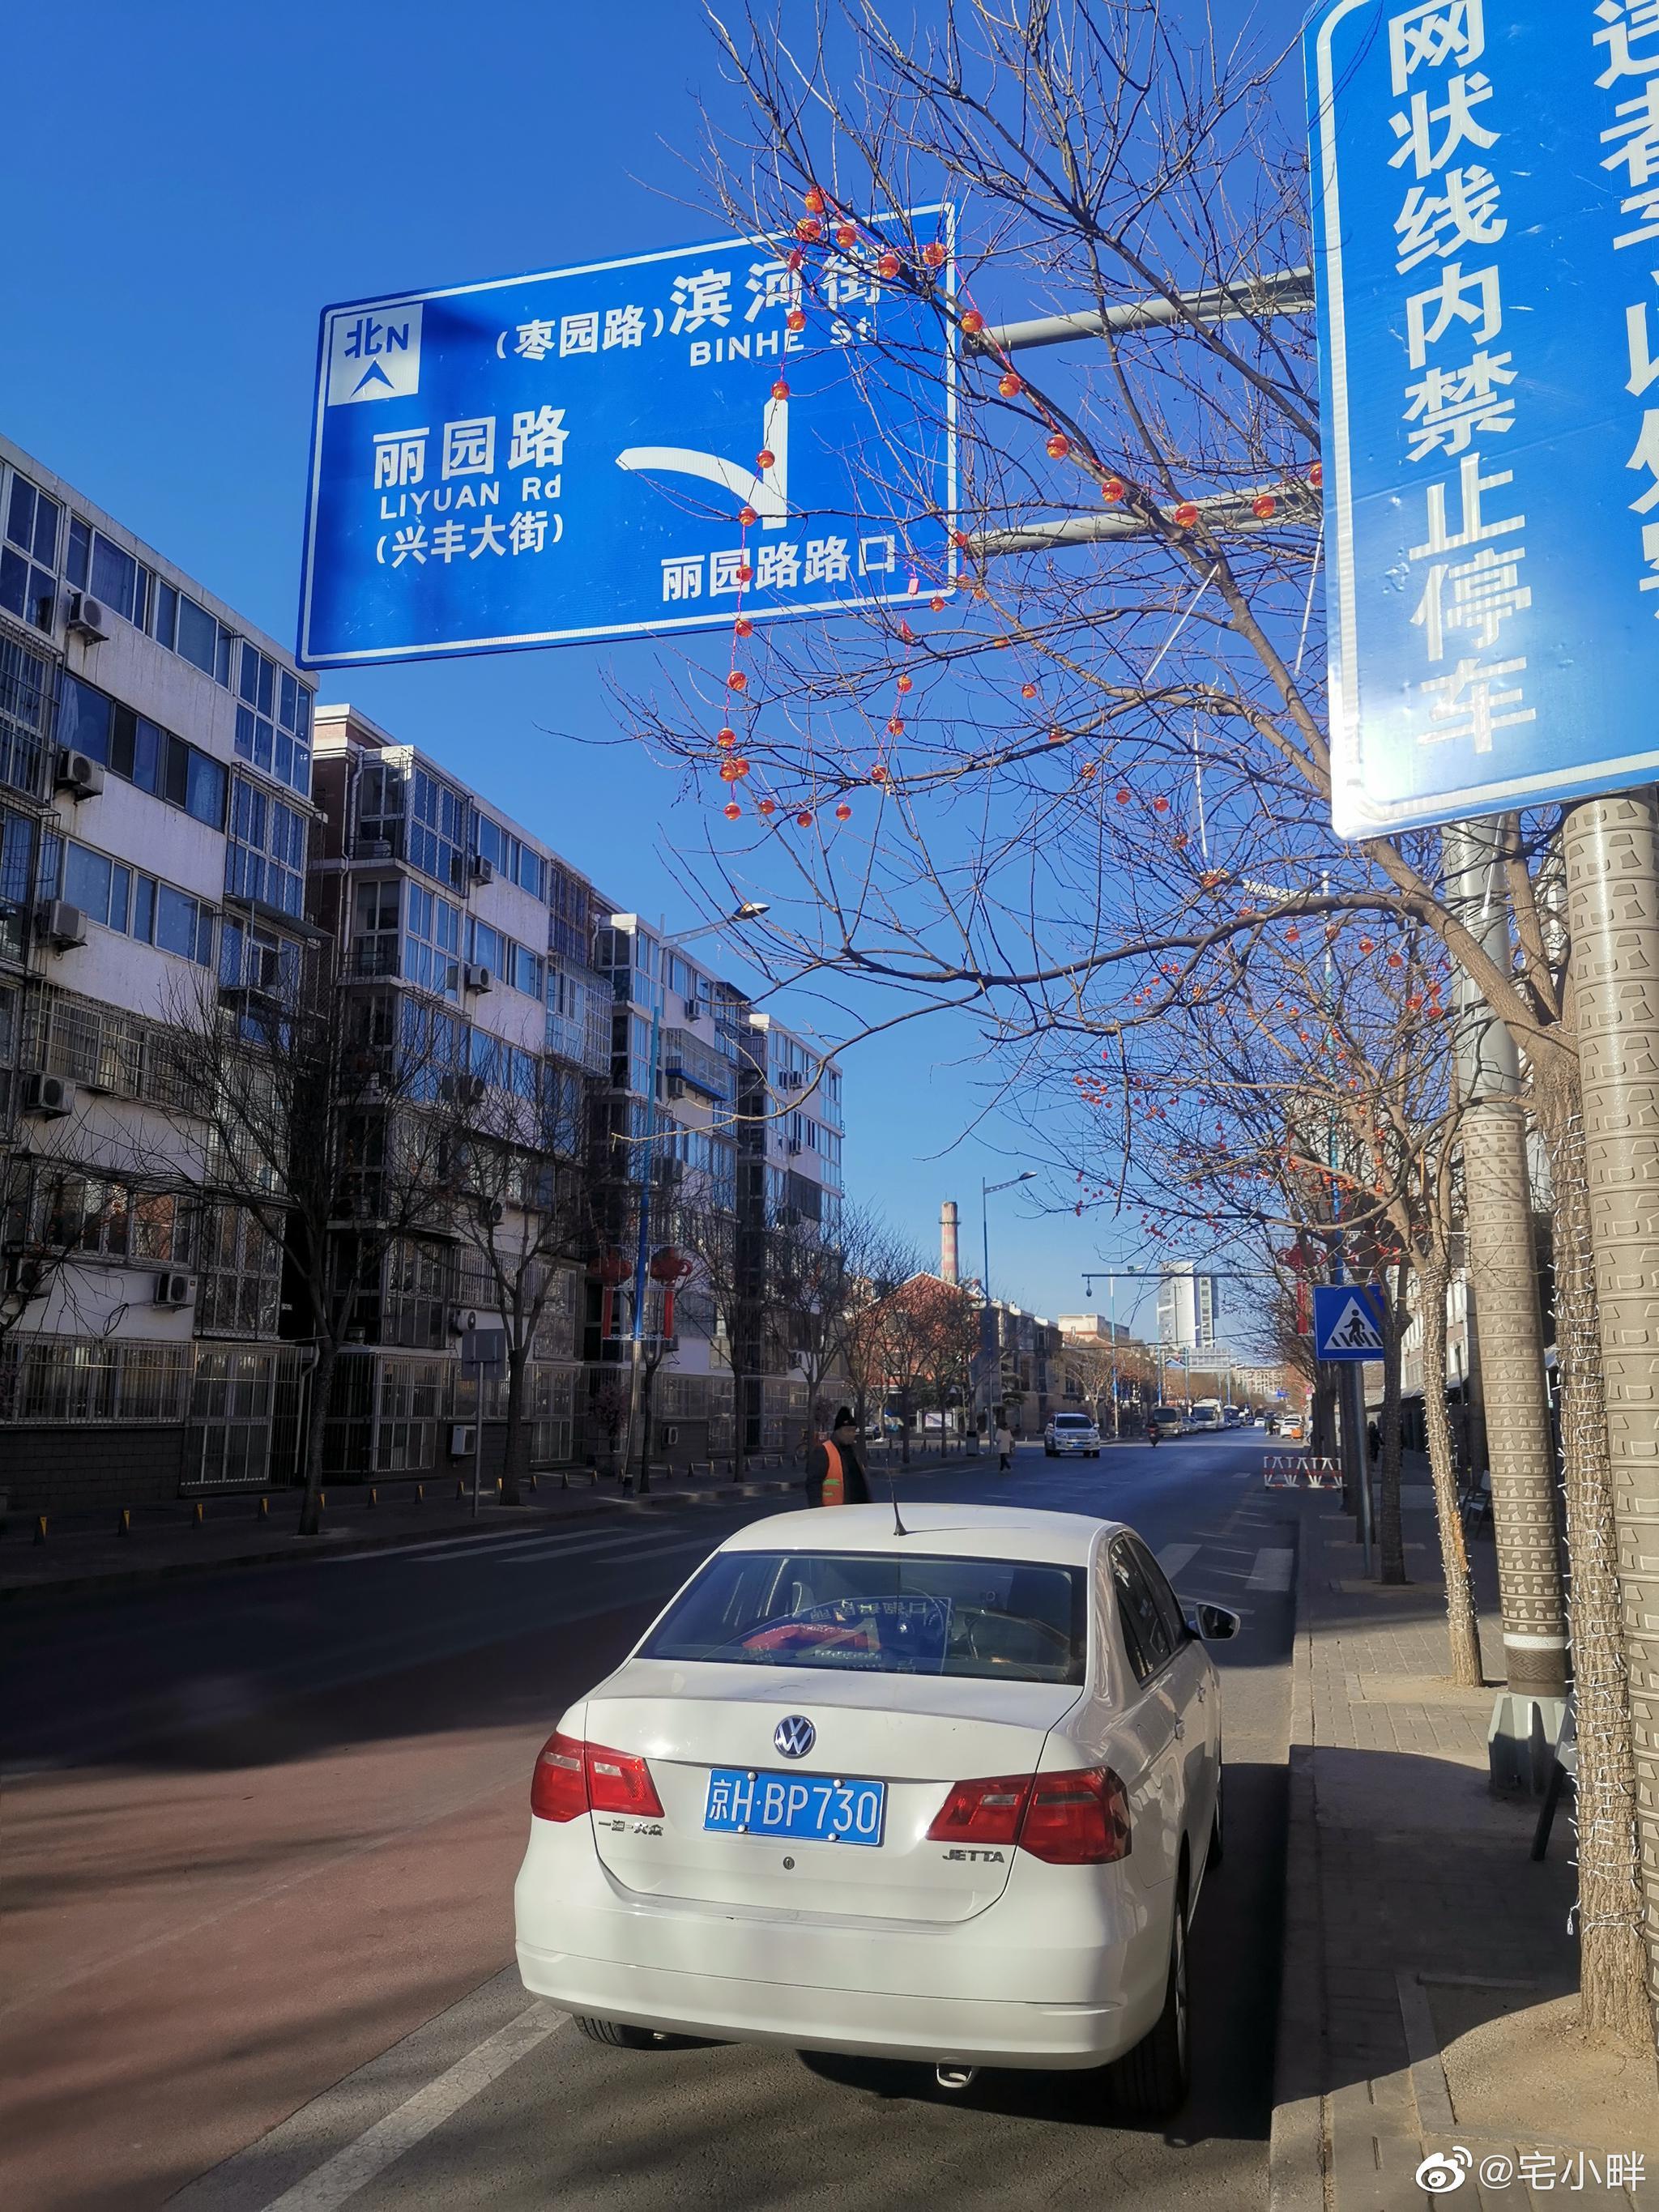 今天的北京,天气好到不行,差点以为春天提早报道了